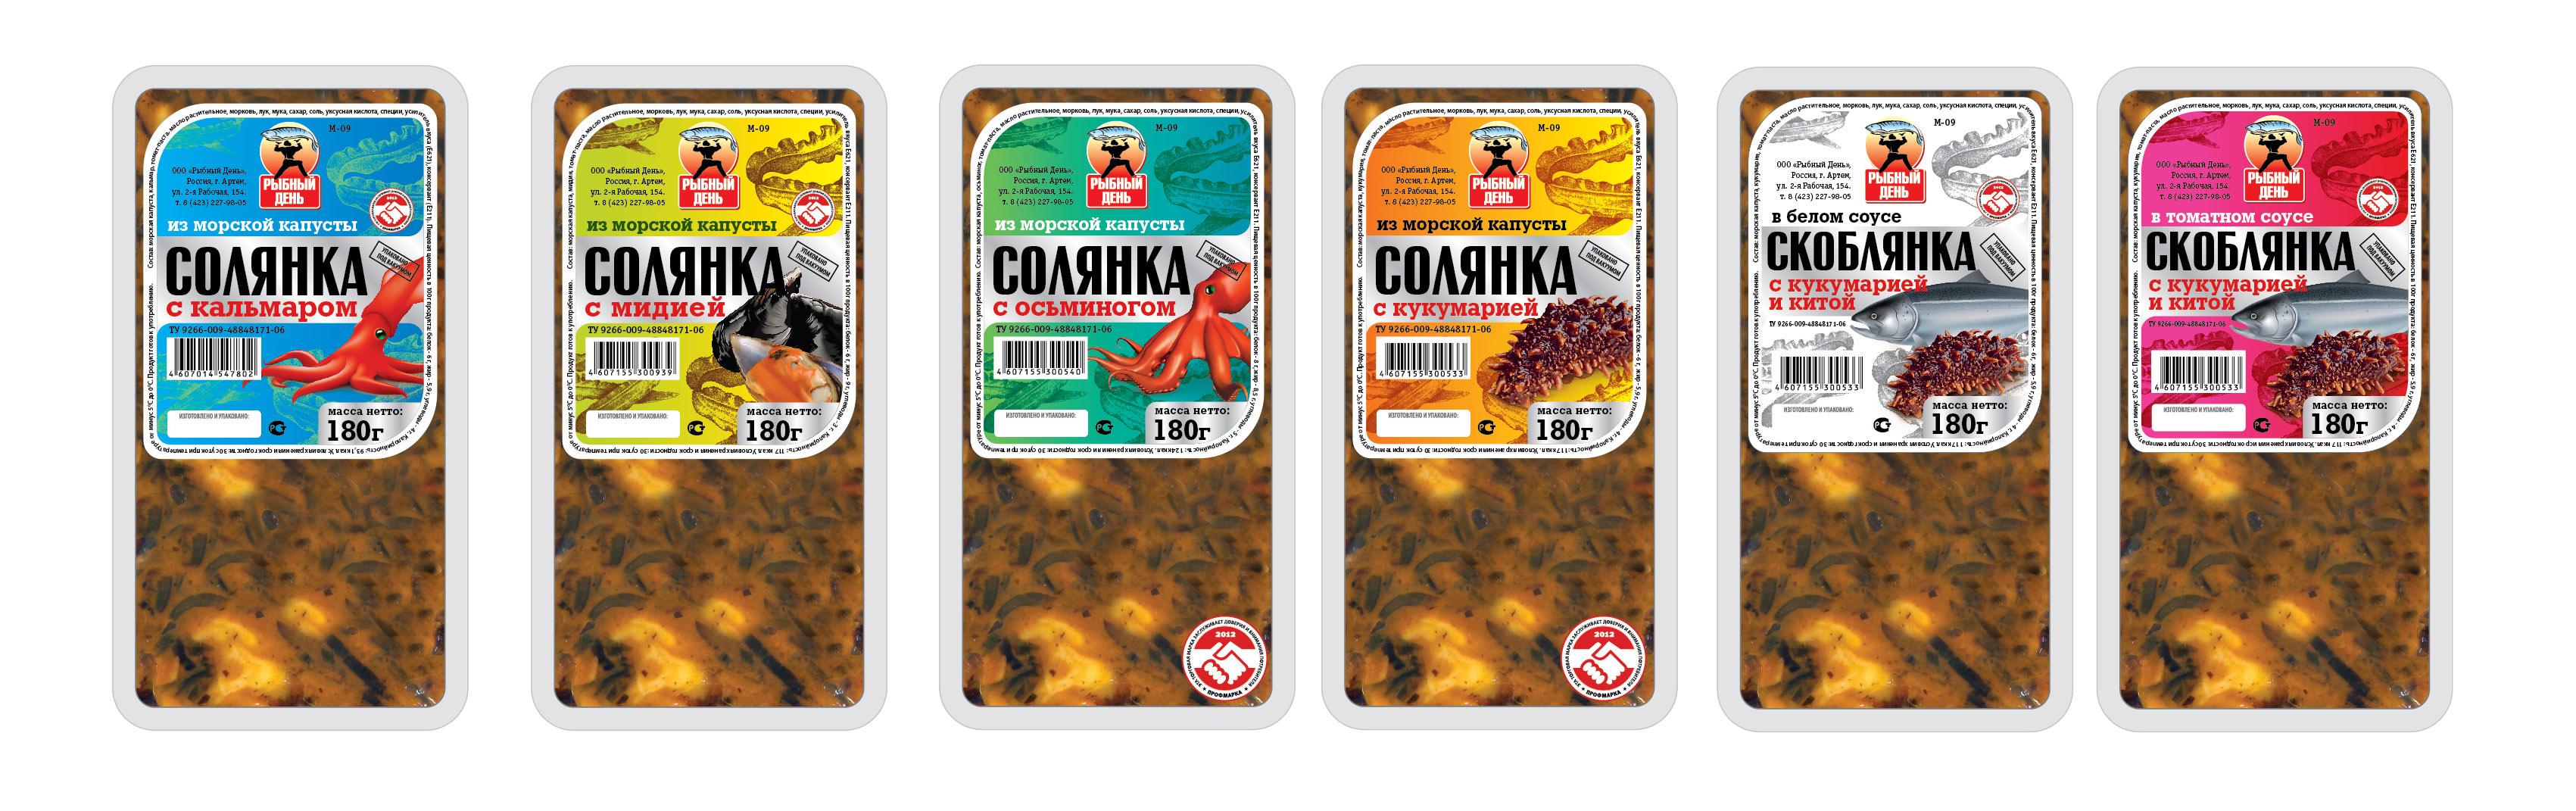 Этикетки  пресервов из морепродуктов